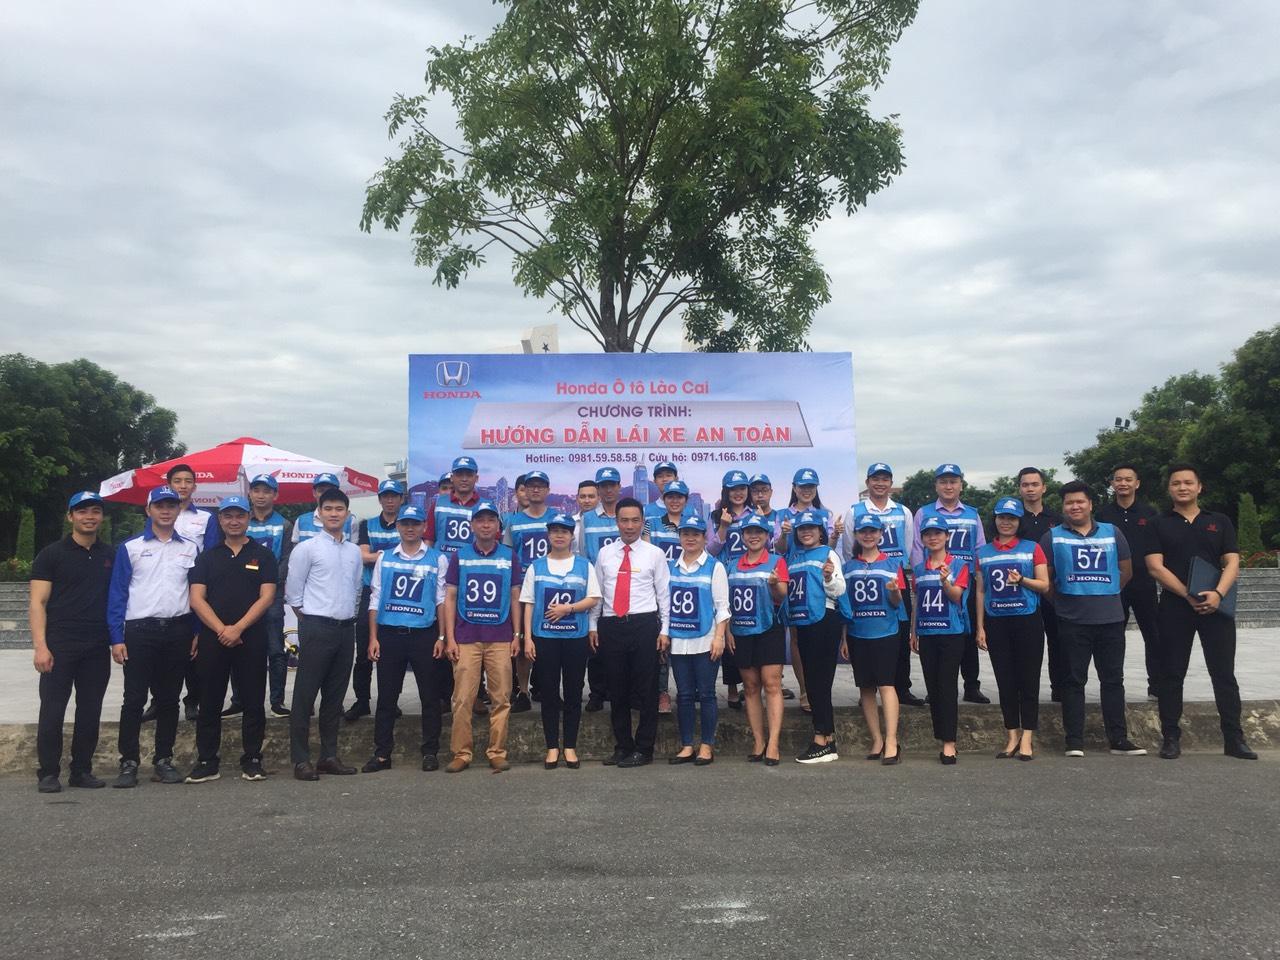 Honda Ôtô Lào Cai tổ chức thành công chương trình